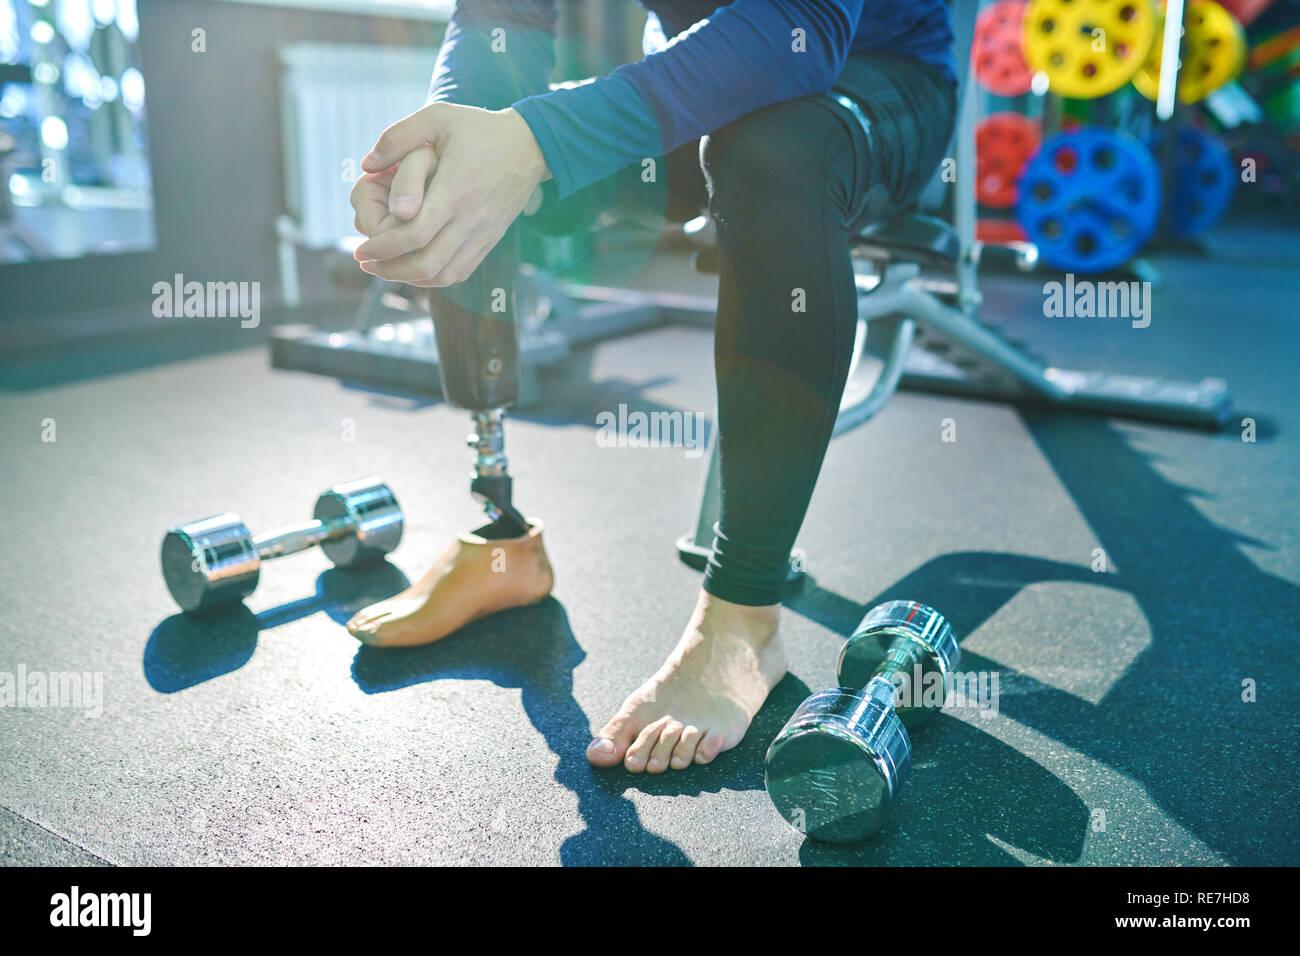 Nahaufnahme der unkenntlich Mann mit Prothese sitzt im modernen Fitnessraum und ruhephase zwischen Übungen mit Hanteln Stockbild